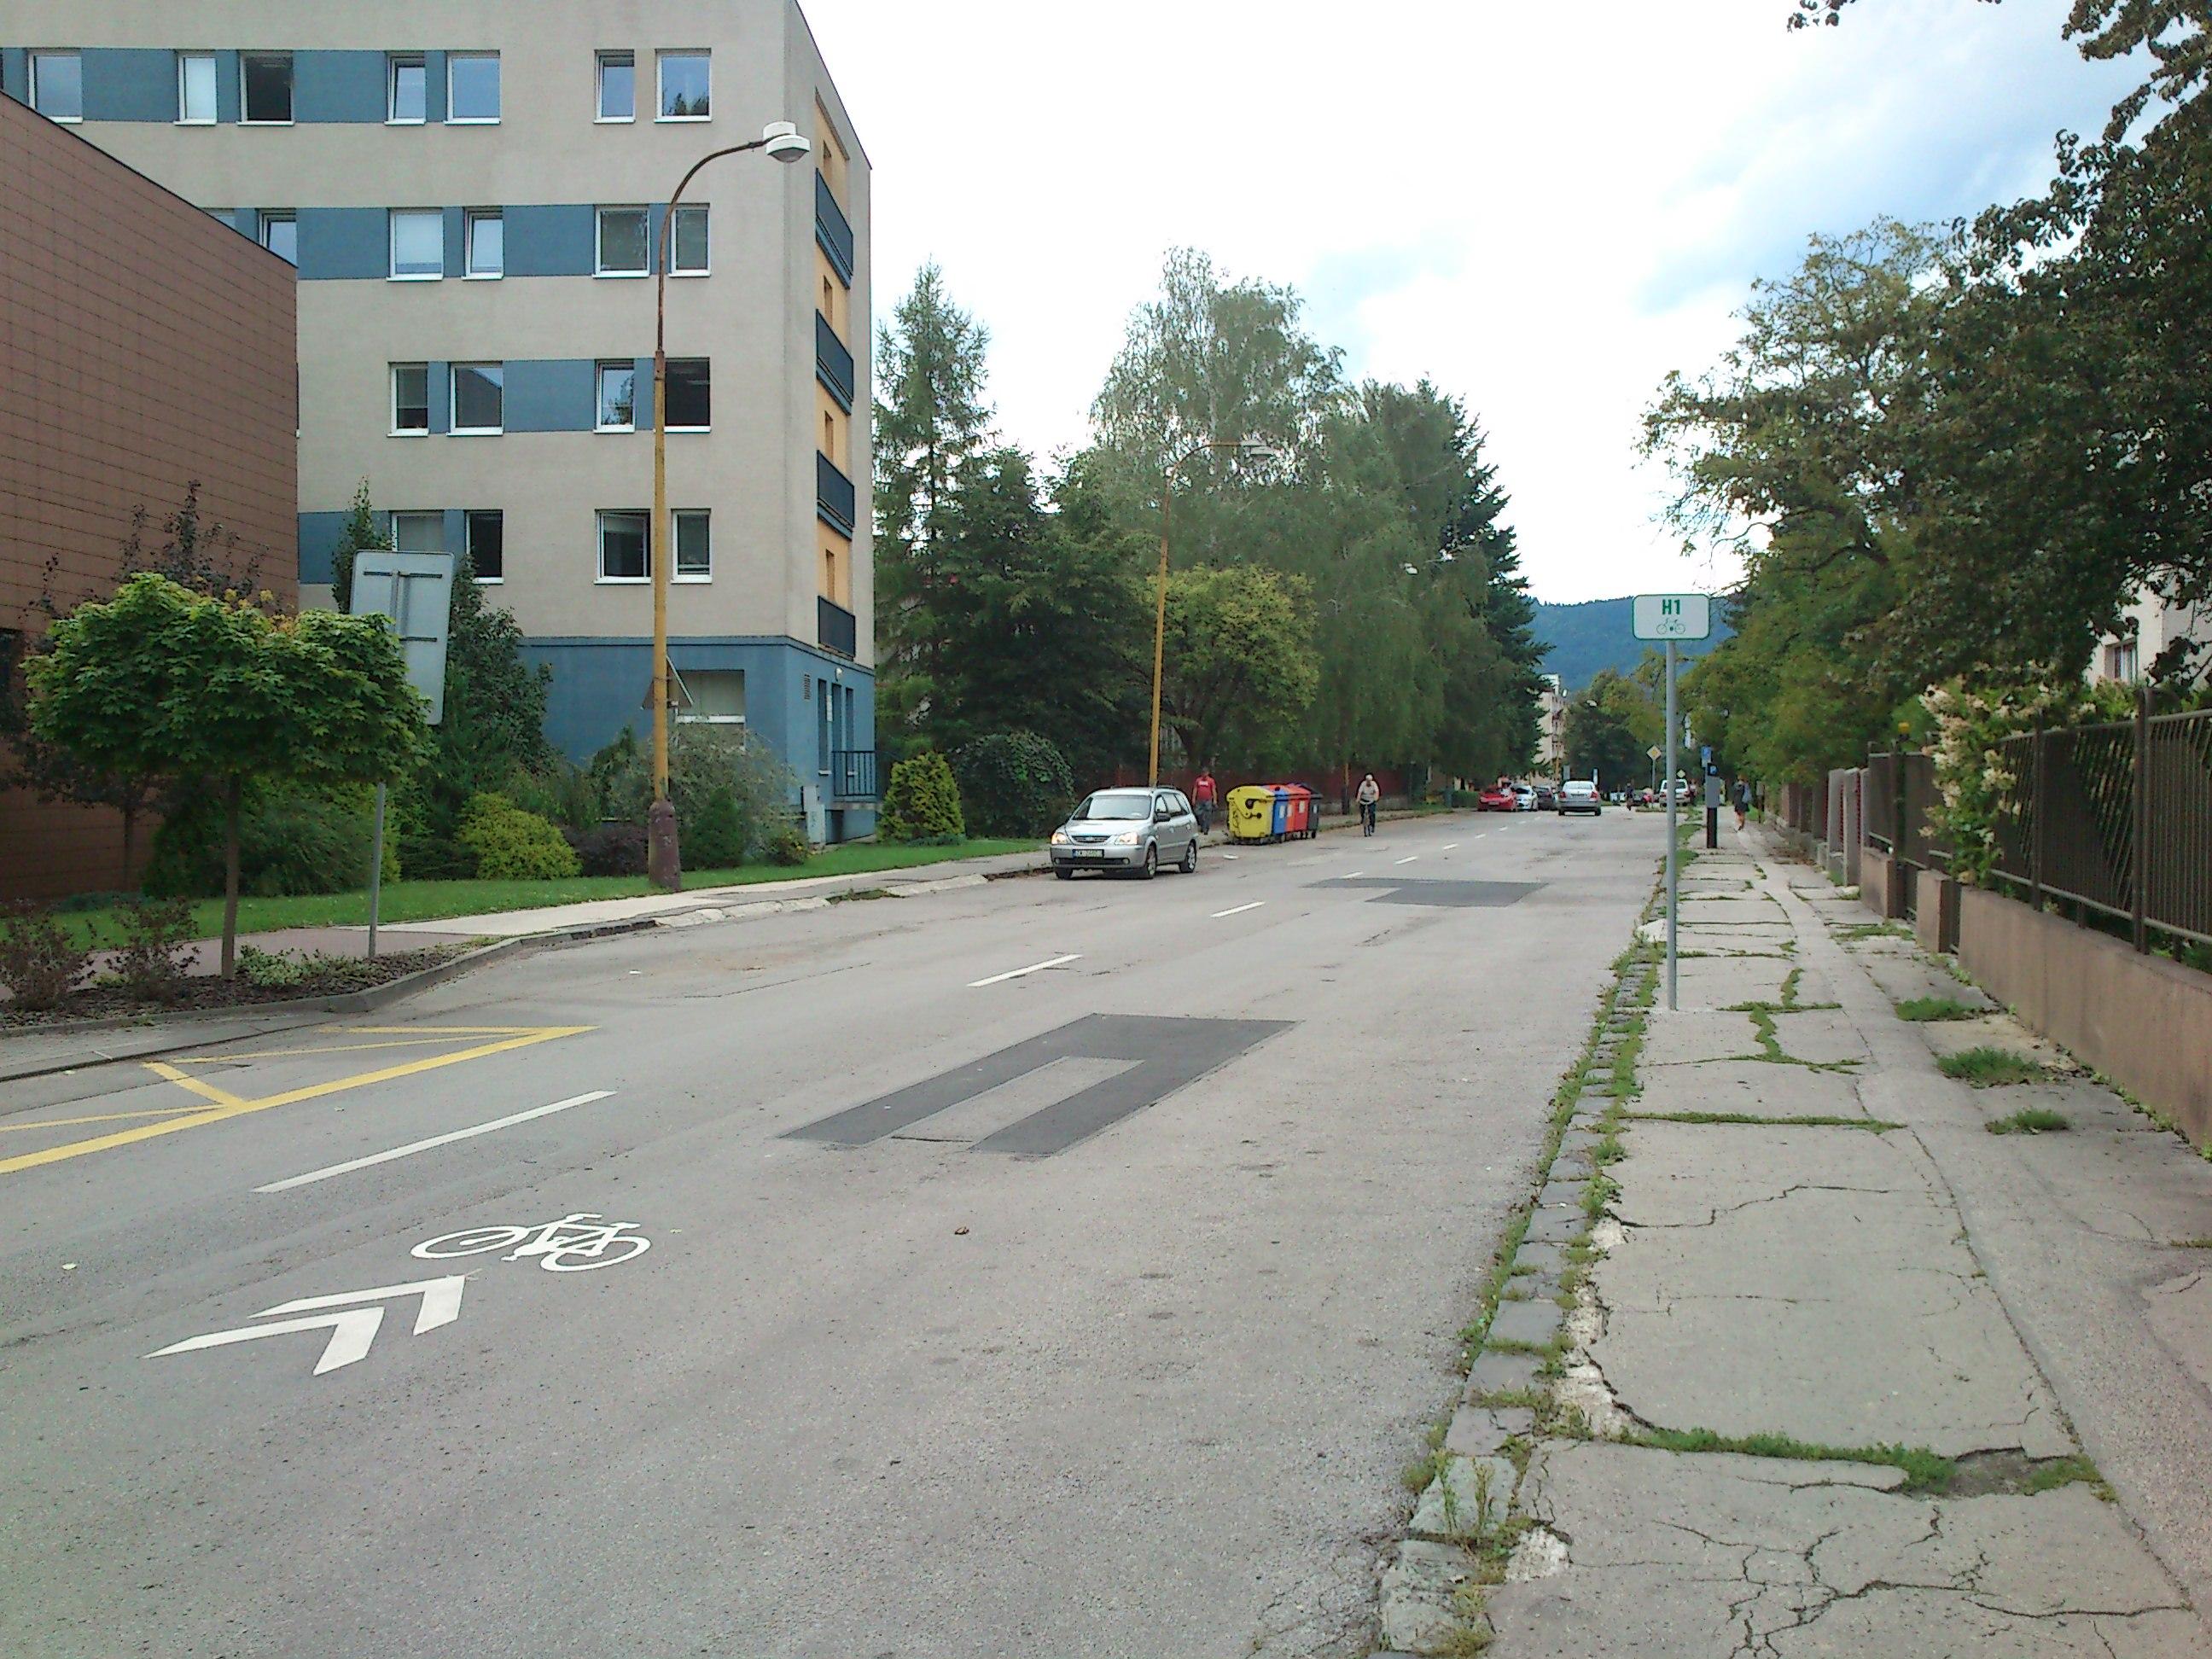 Koridory pre cyklistov na ulici Suvorovova – Fándlyho – Komenského